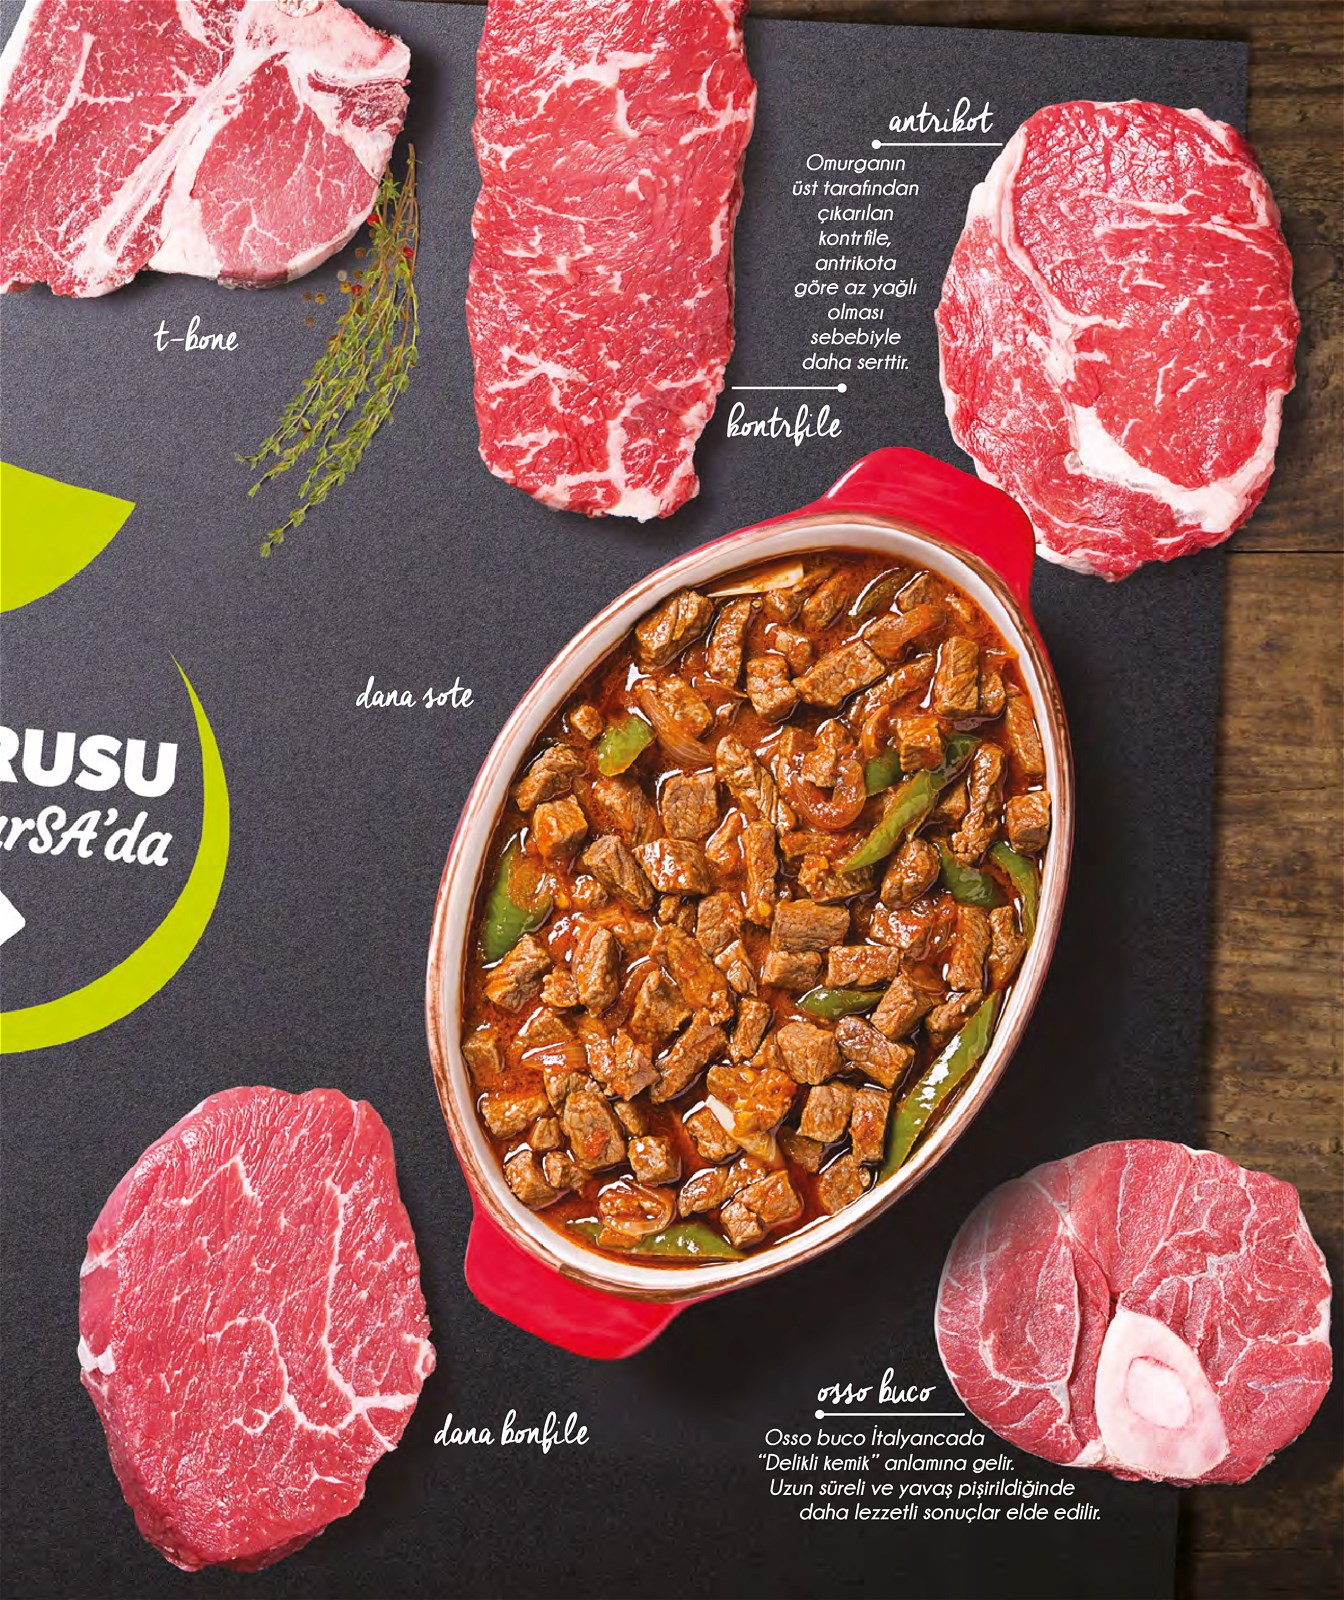 13.01.2021 CarrefourSA broşürü 7. sayfa